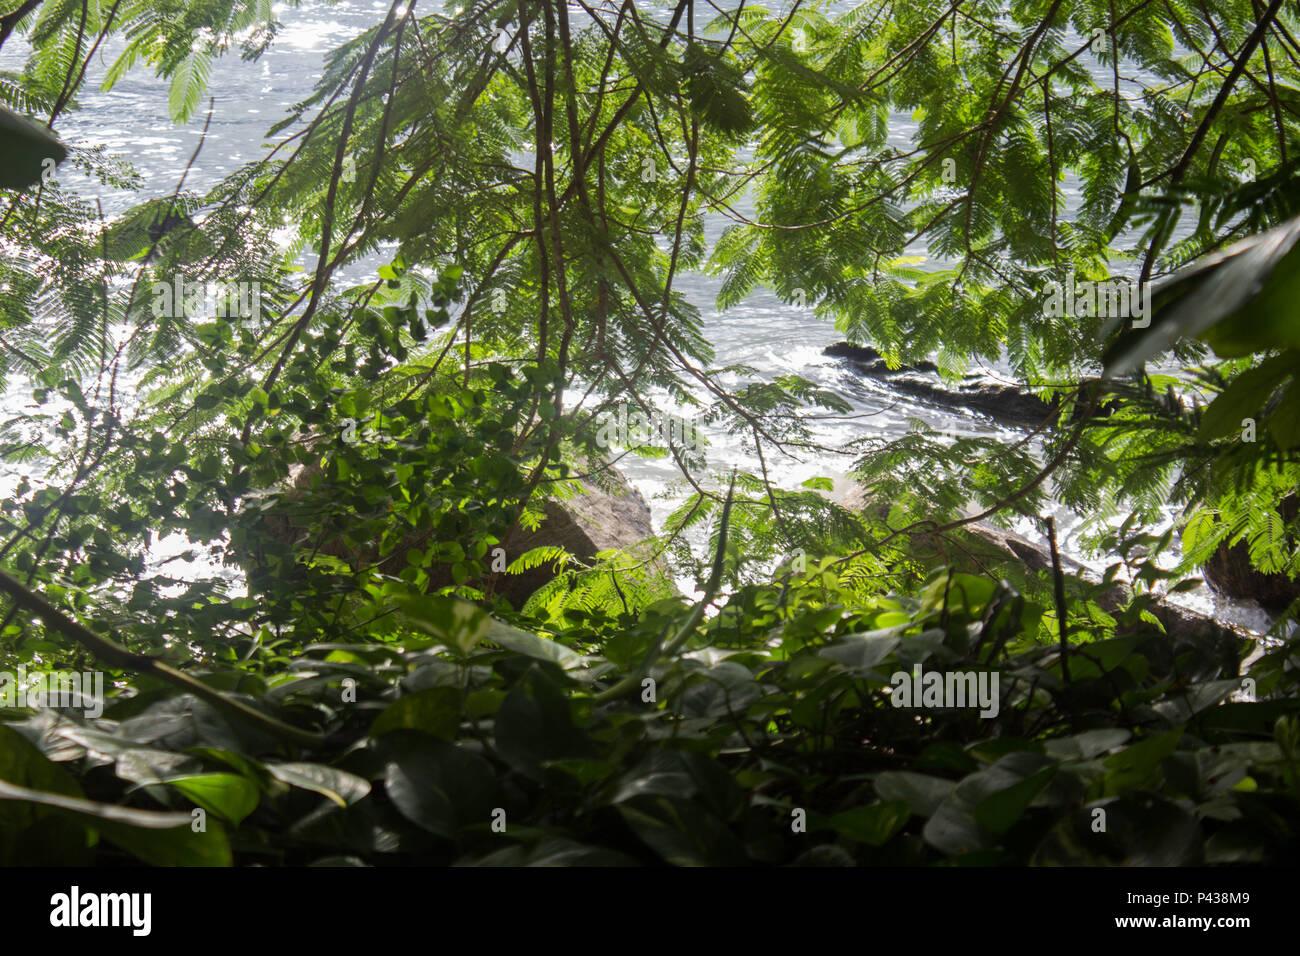 Praia com pedras e rochas atras de vegetação verde em dia ensolarado em Ubatuba, SP, Brasil. Imagen De Stock